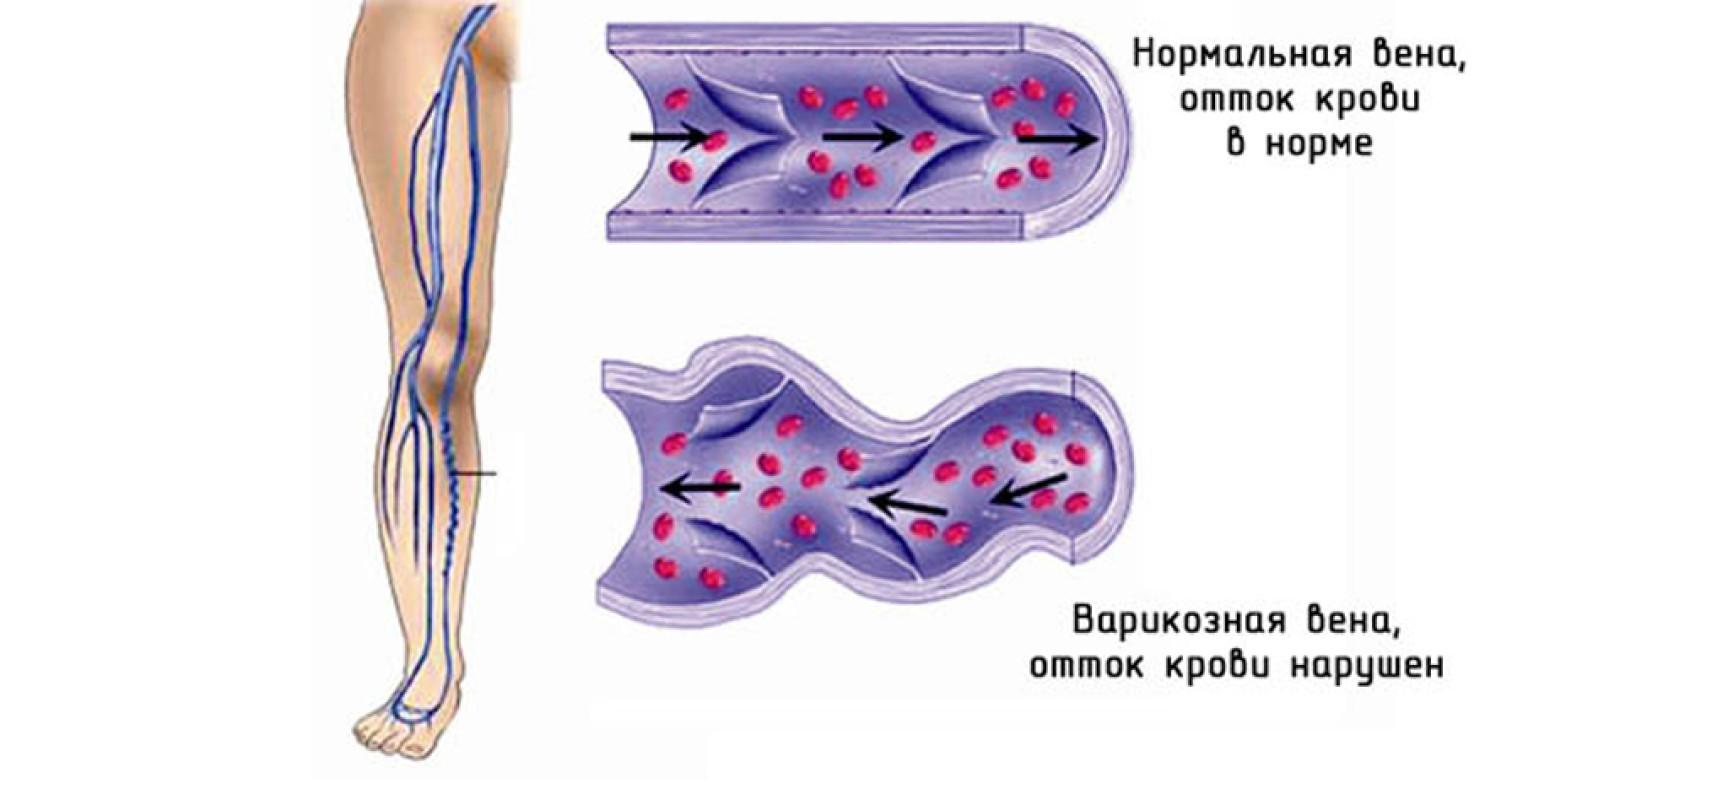 Трофическая язва голени